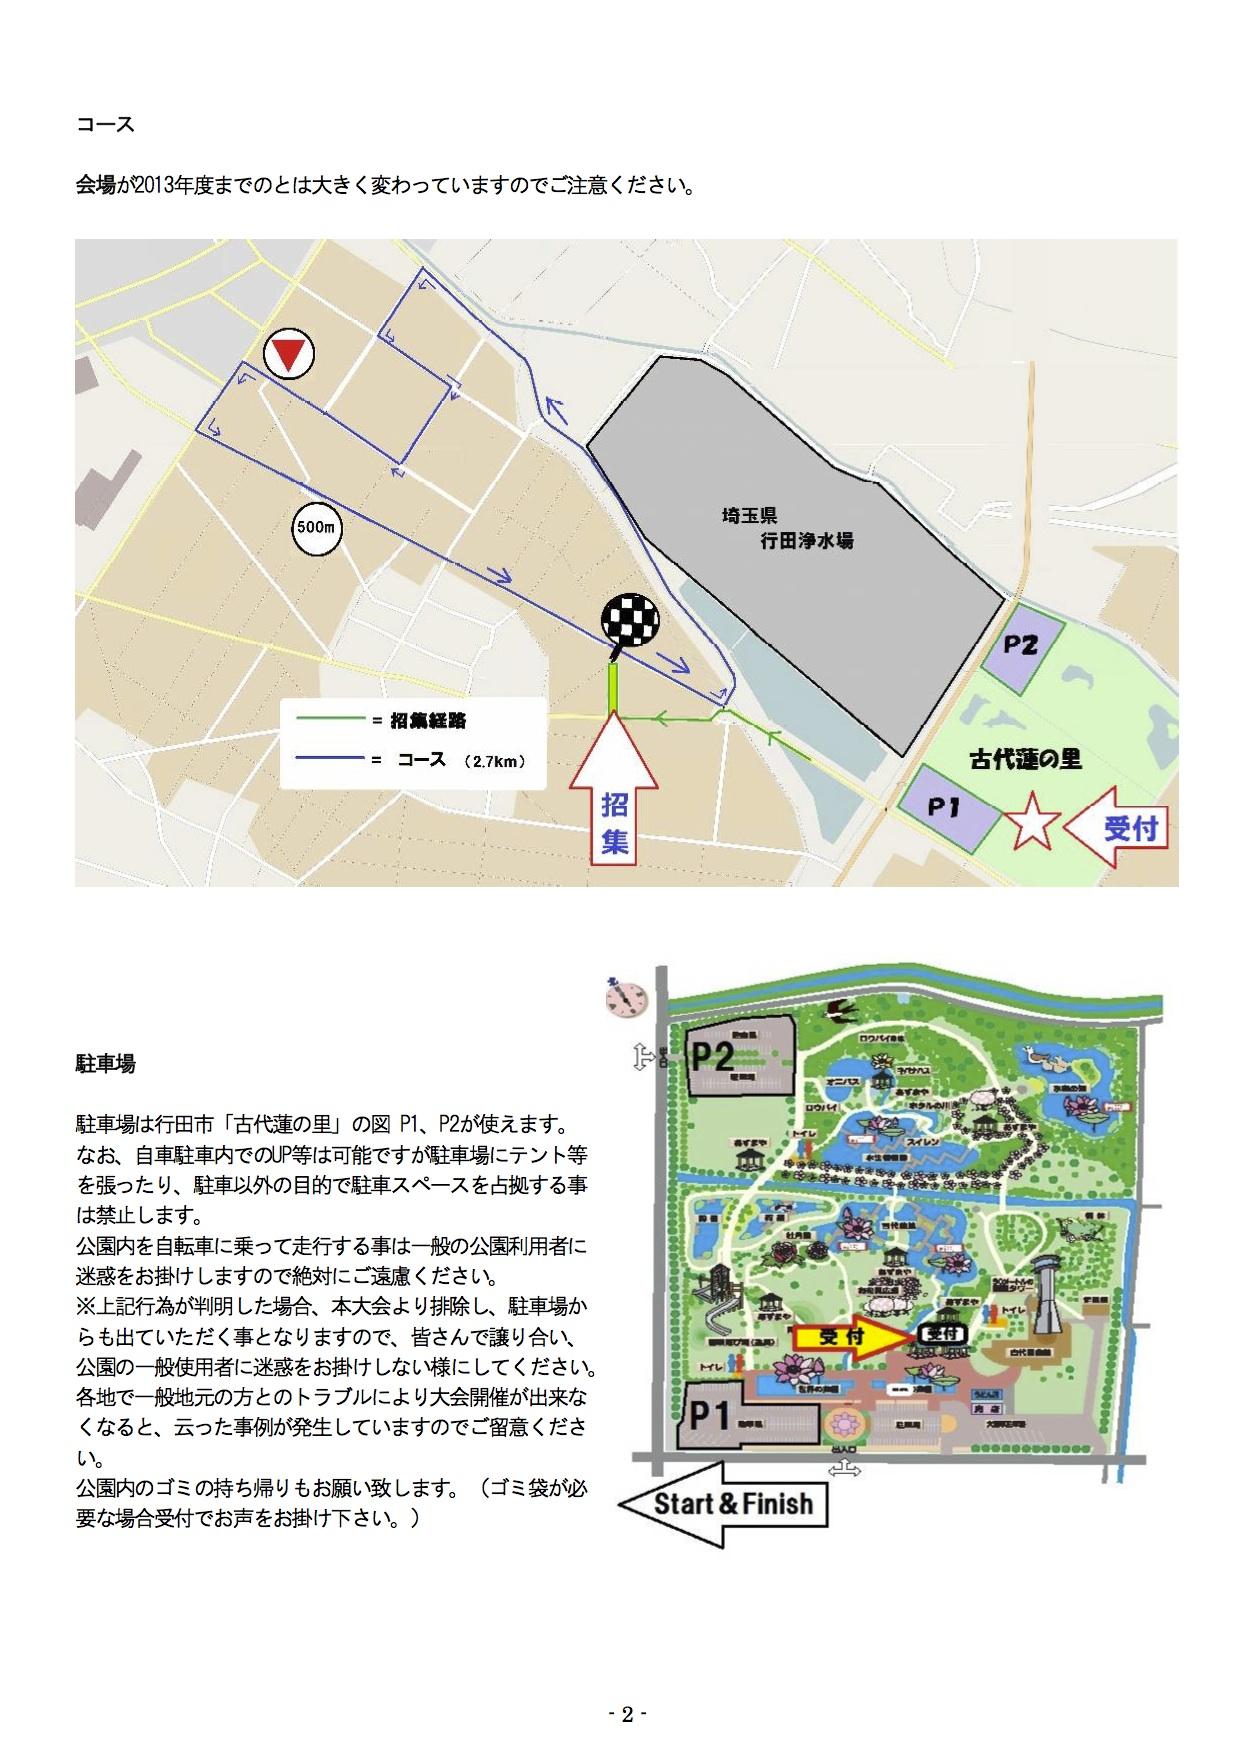 16rcs9_10_11_12_saitamagyouda_map_161201_02